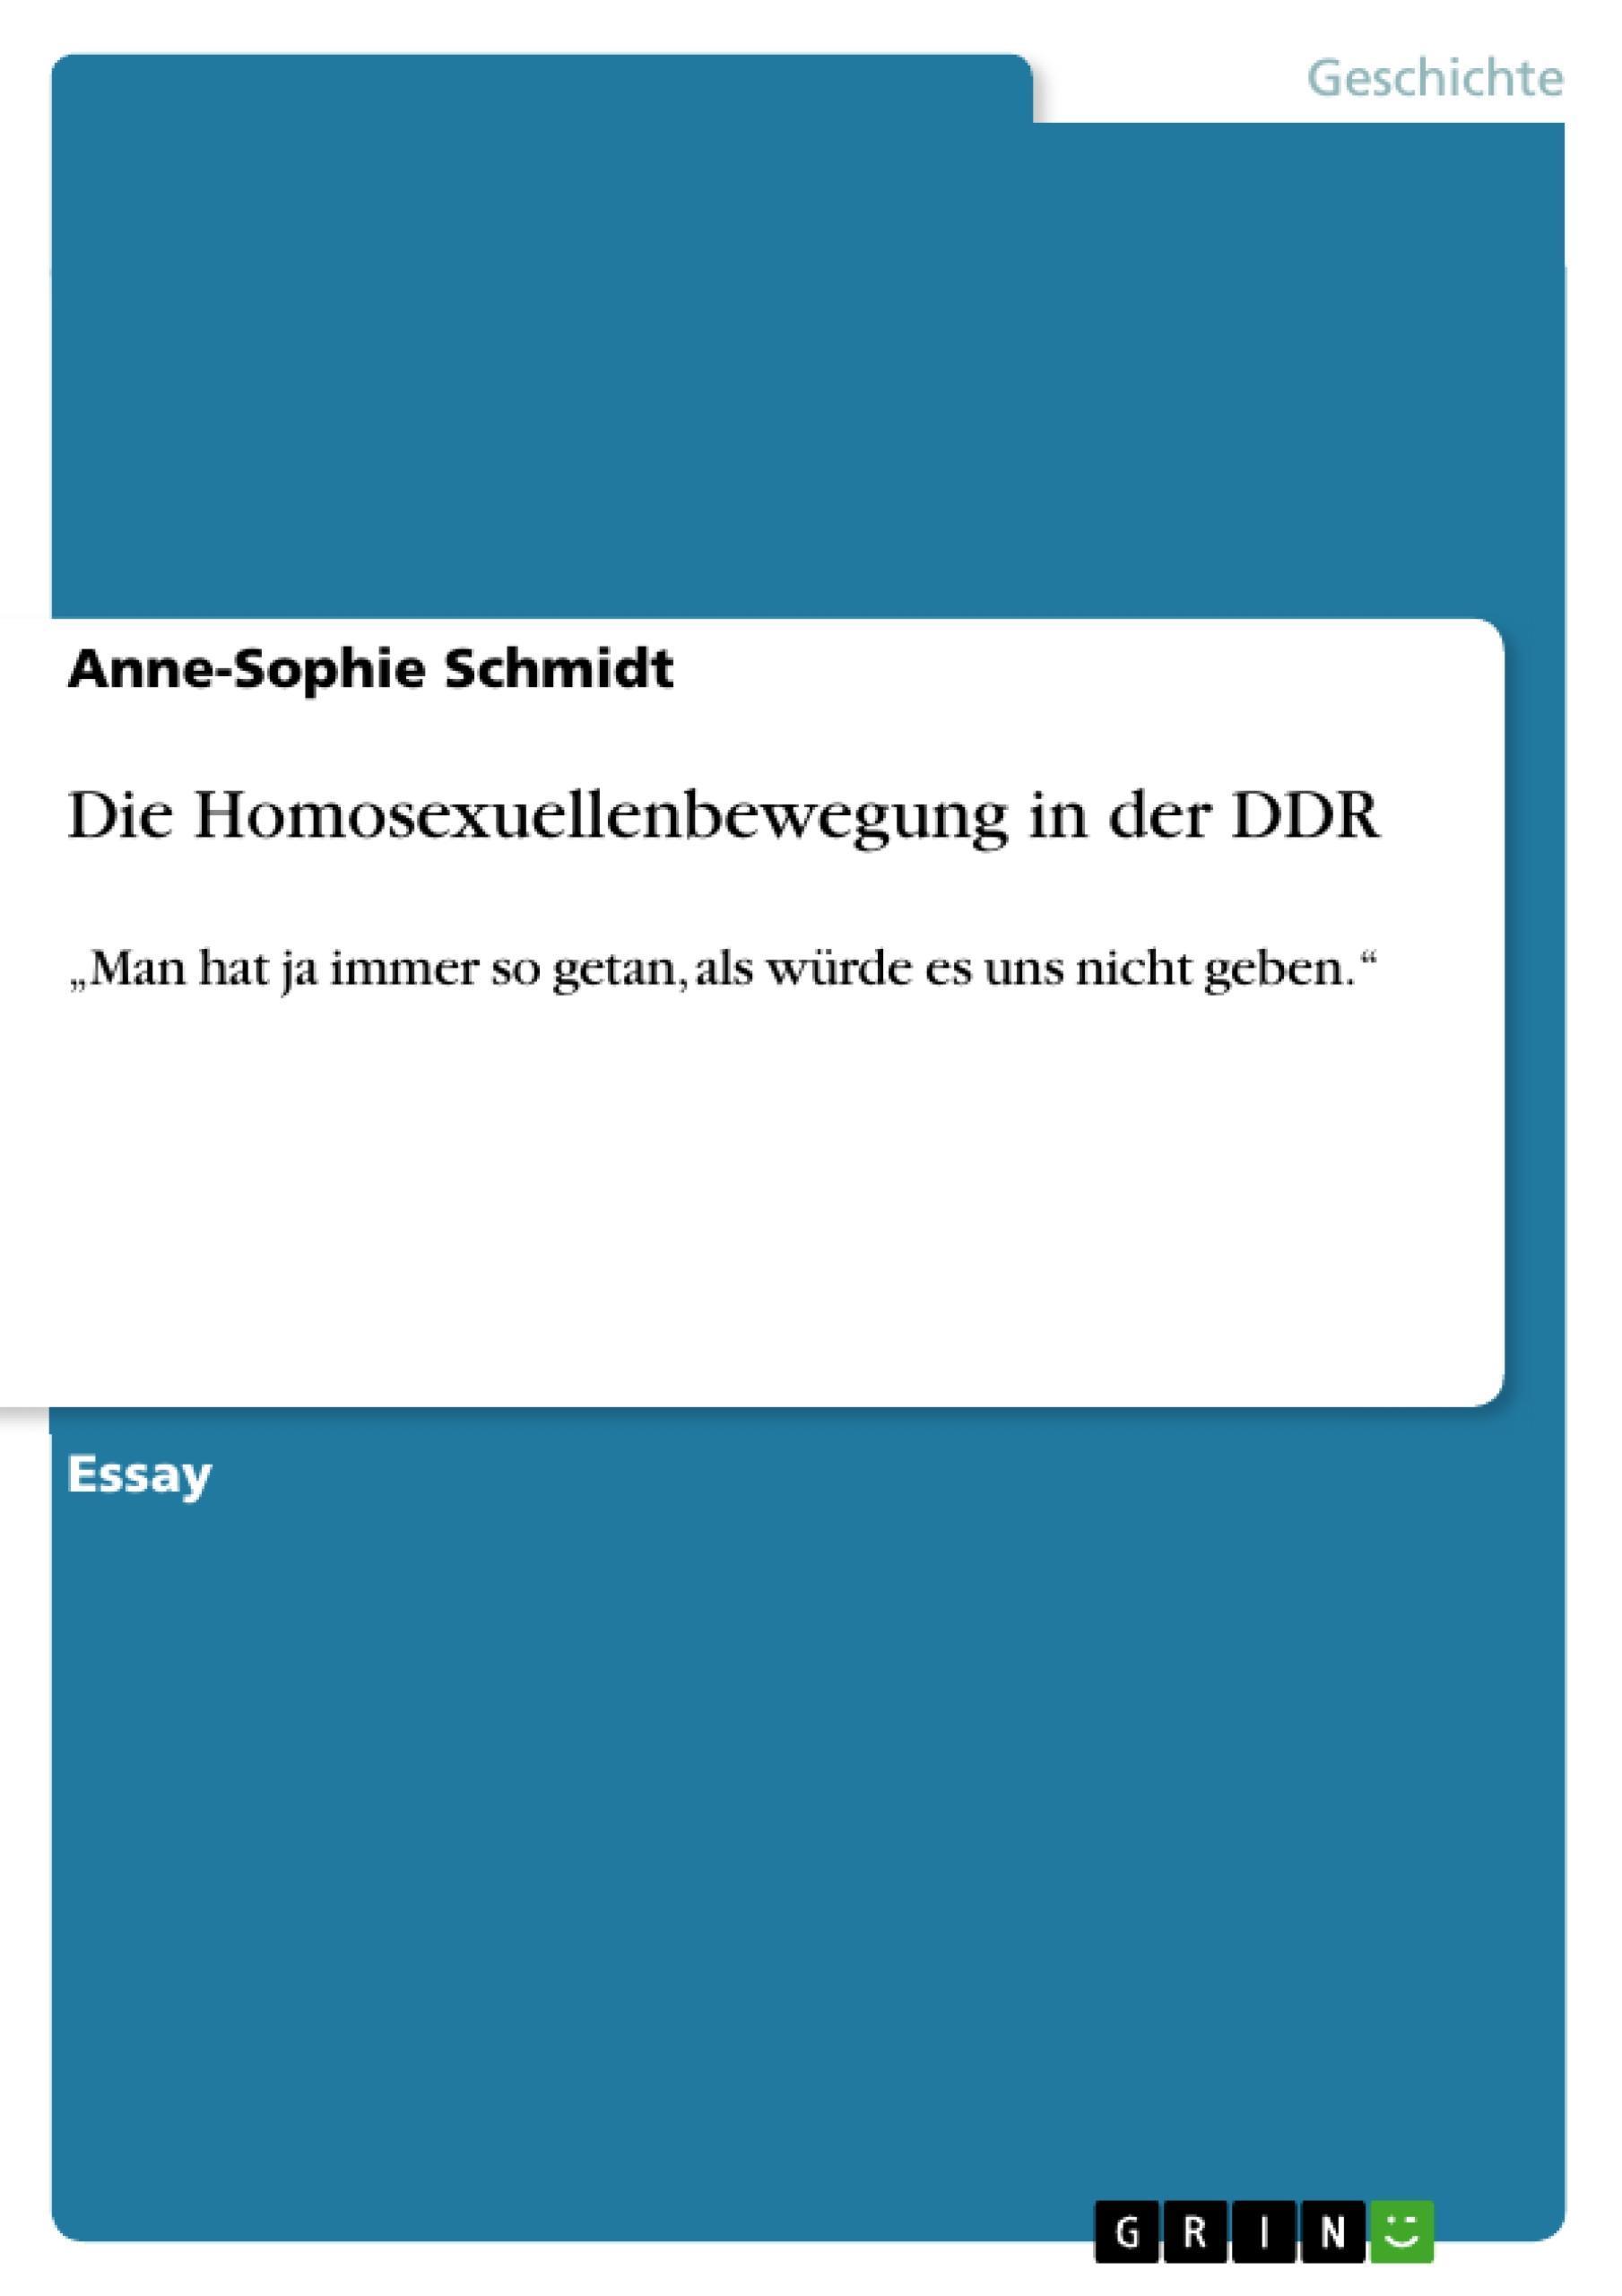 Die Homosexuellenbewegung in der DDR Anne-Sophie Schmidt